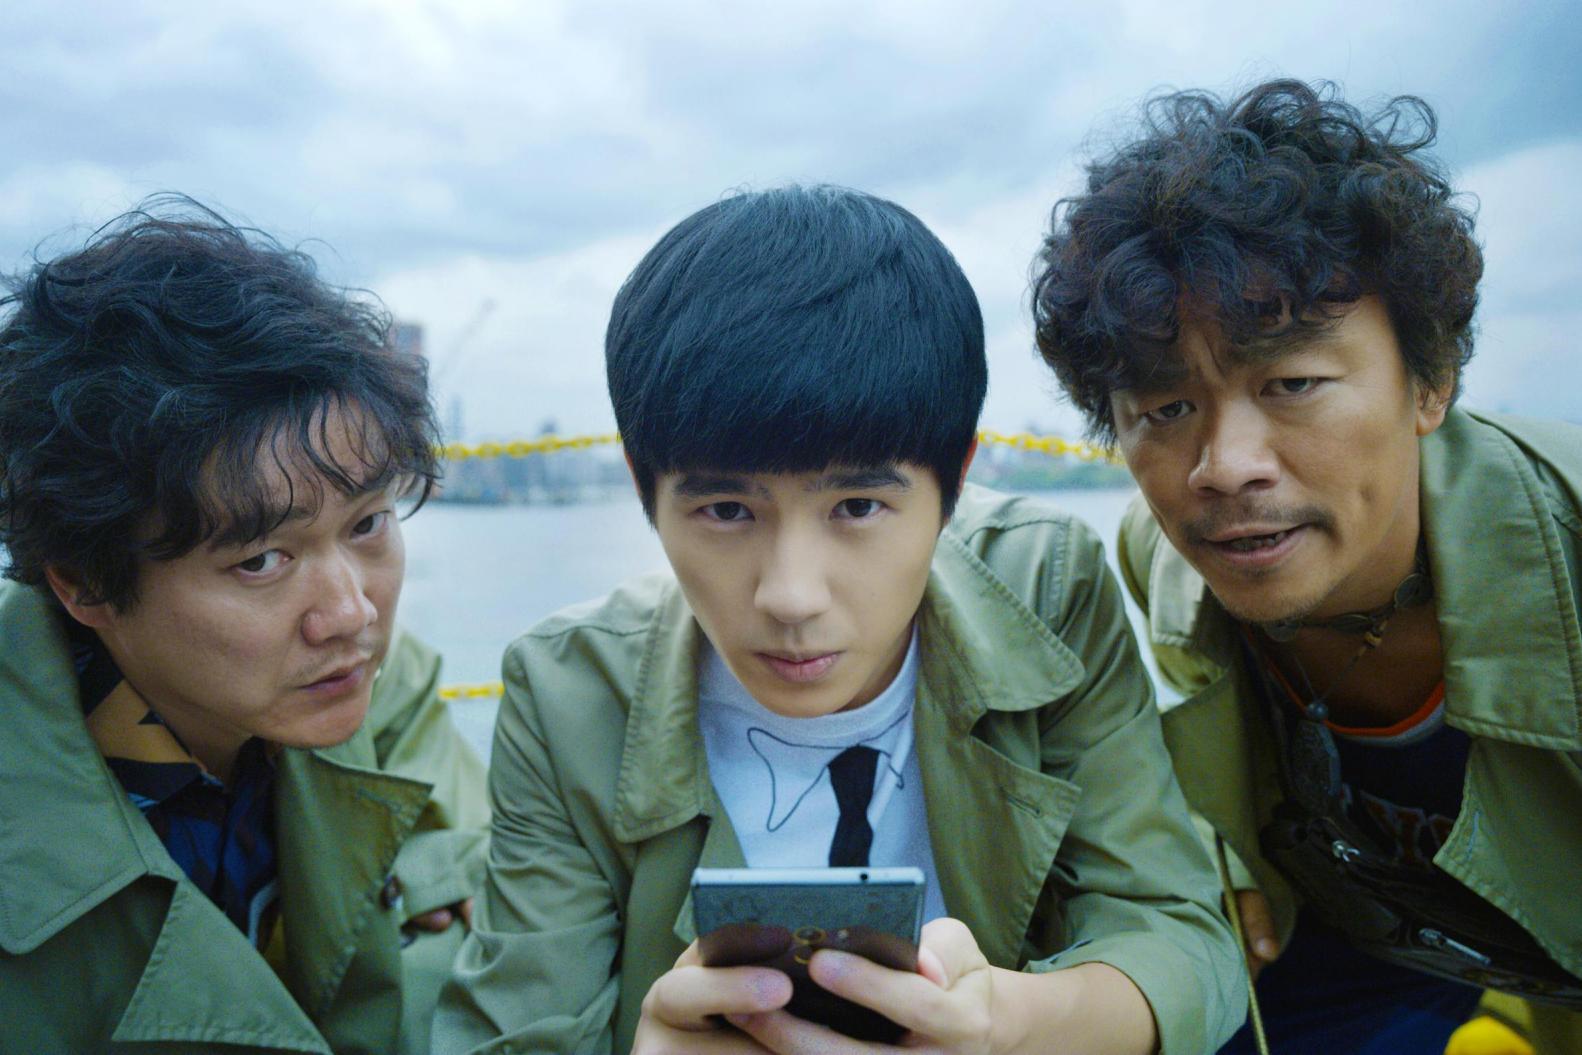 《唐探3》票房破18亿,中泰日三国的14位明星功不可没